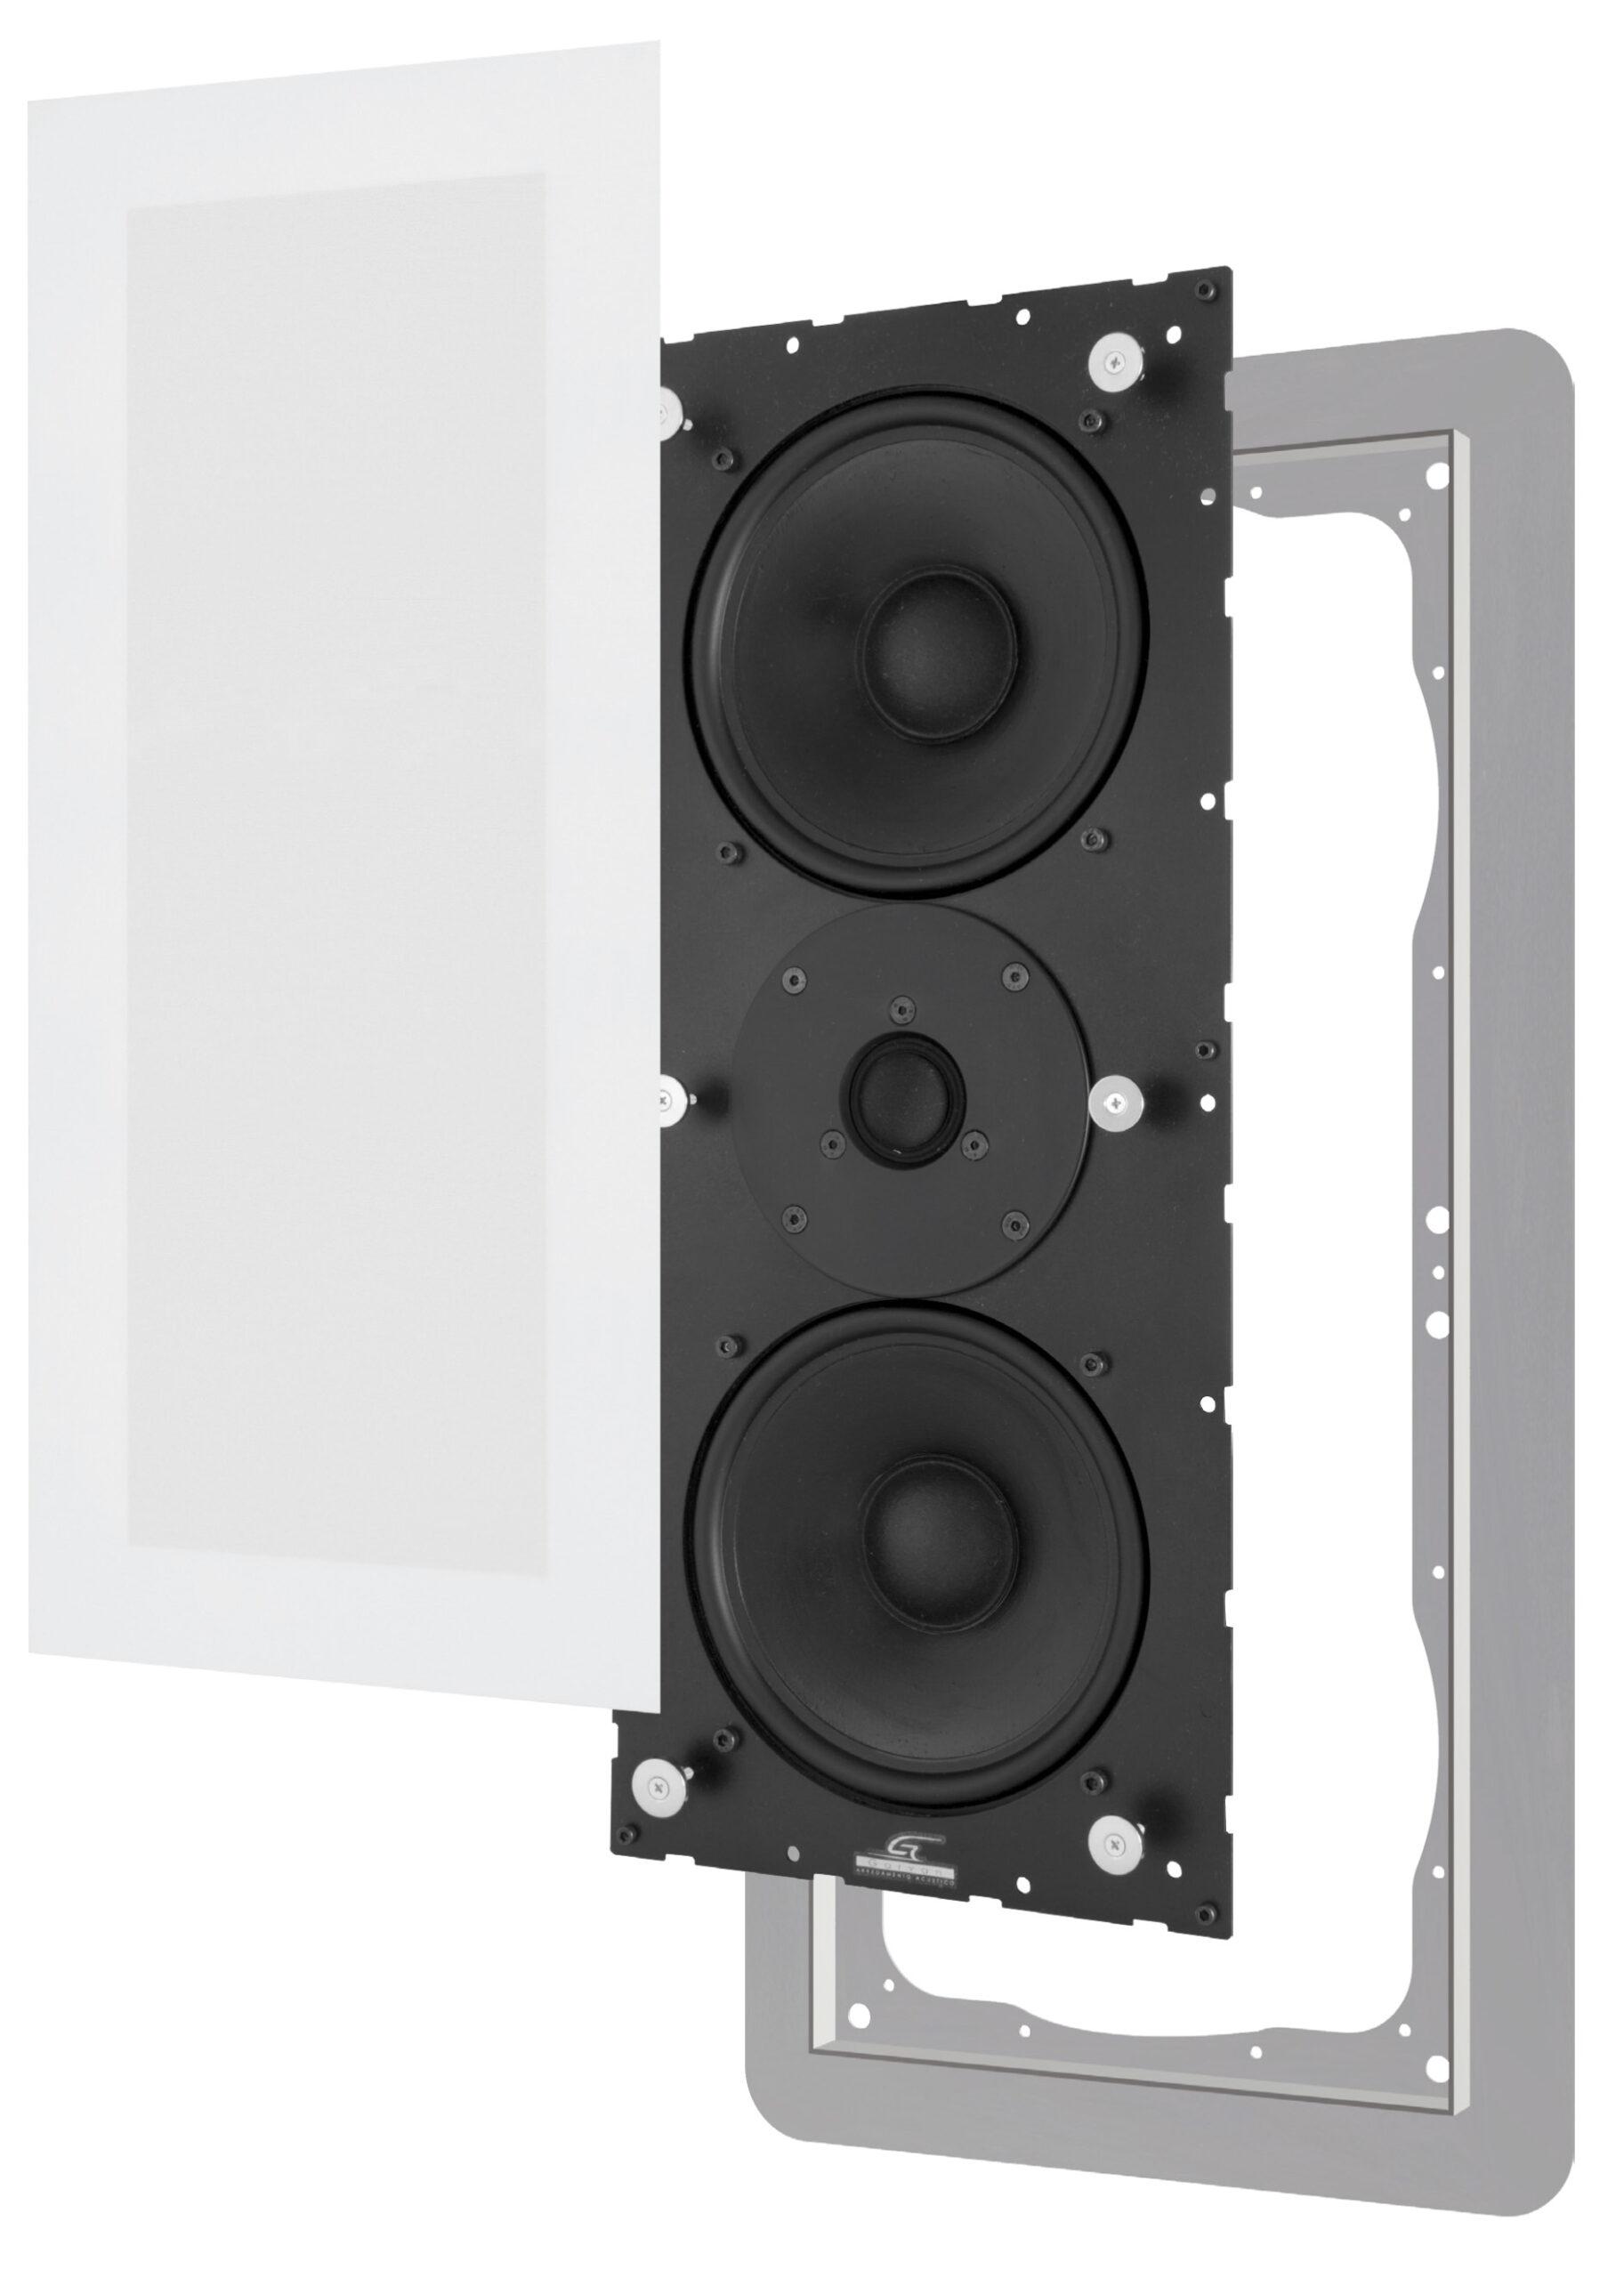 Sic316 Garvan diffusori da incasso LCR per Home Cinema